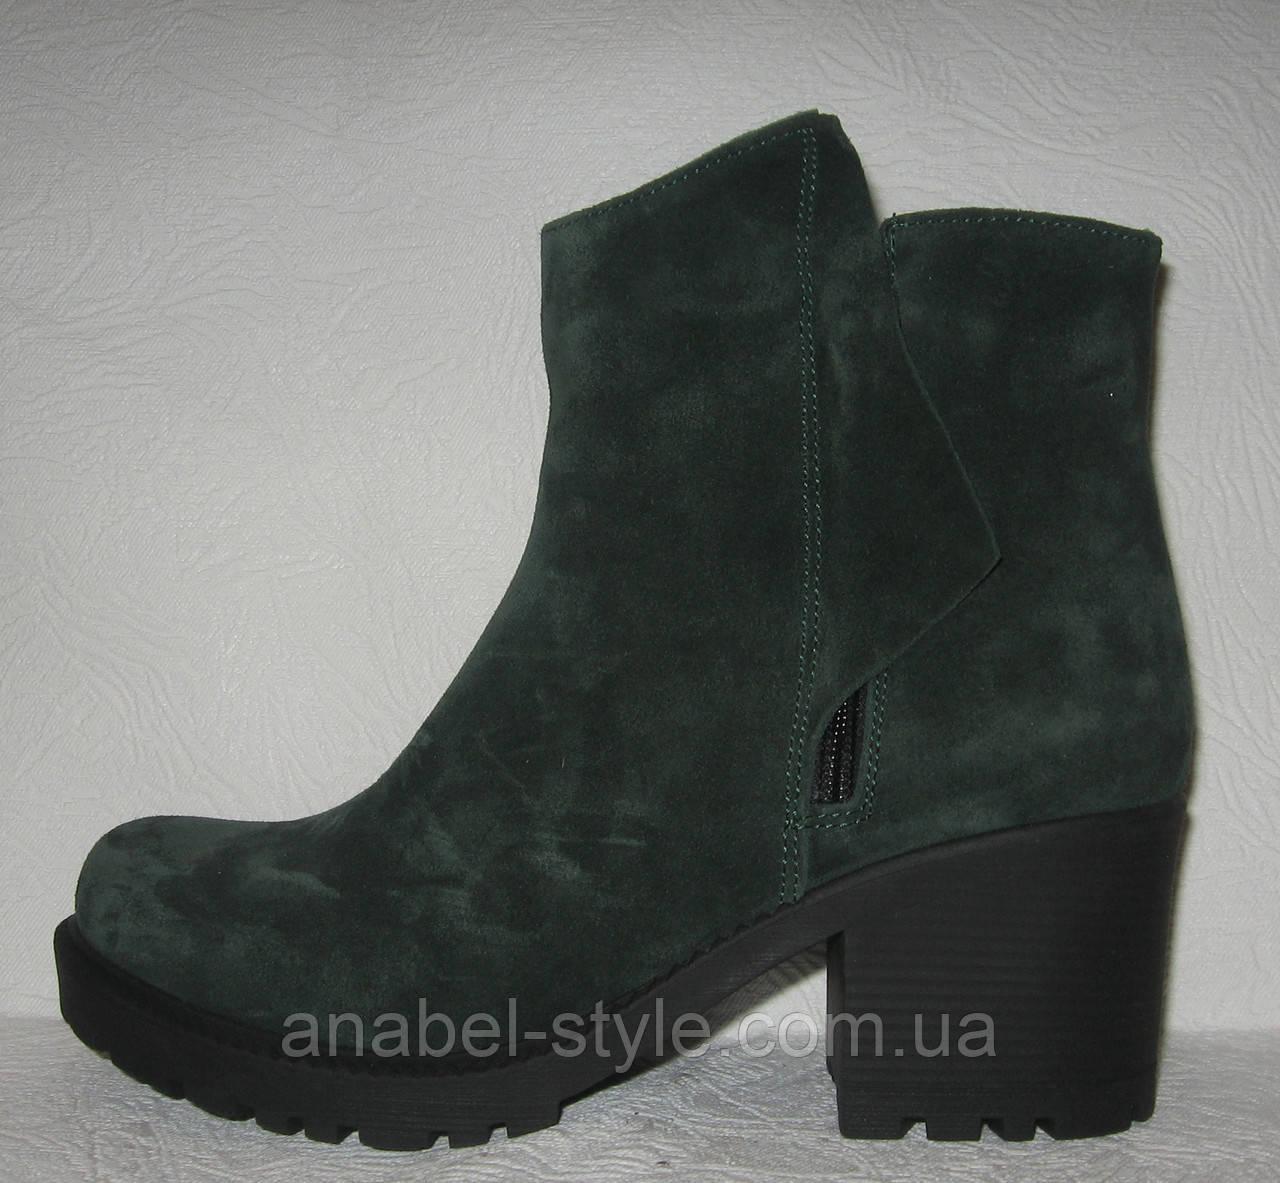 Ботинки женские стильные на каблуке натуральная замша зелёного цвета Код 151 ПС